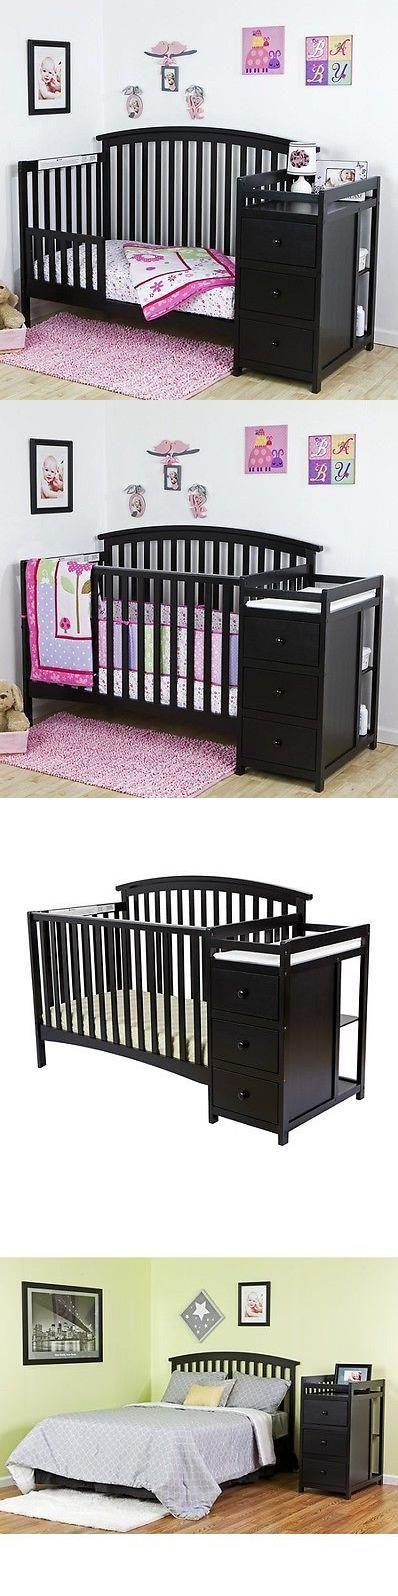 Baby Nursery: Convertible Crib Set Black 5-In-1 Changer Nursery Baby Toddler Bed Furniture BUY IT NOW ONLY: $285.99 #priceabateBabyNursery OR #priceabate